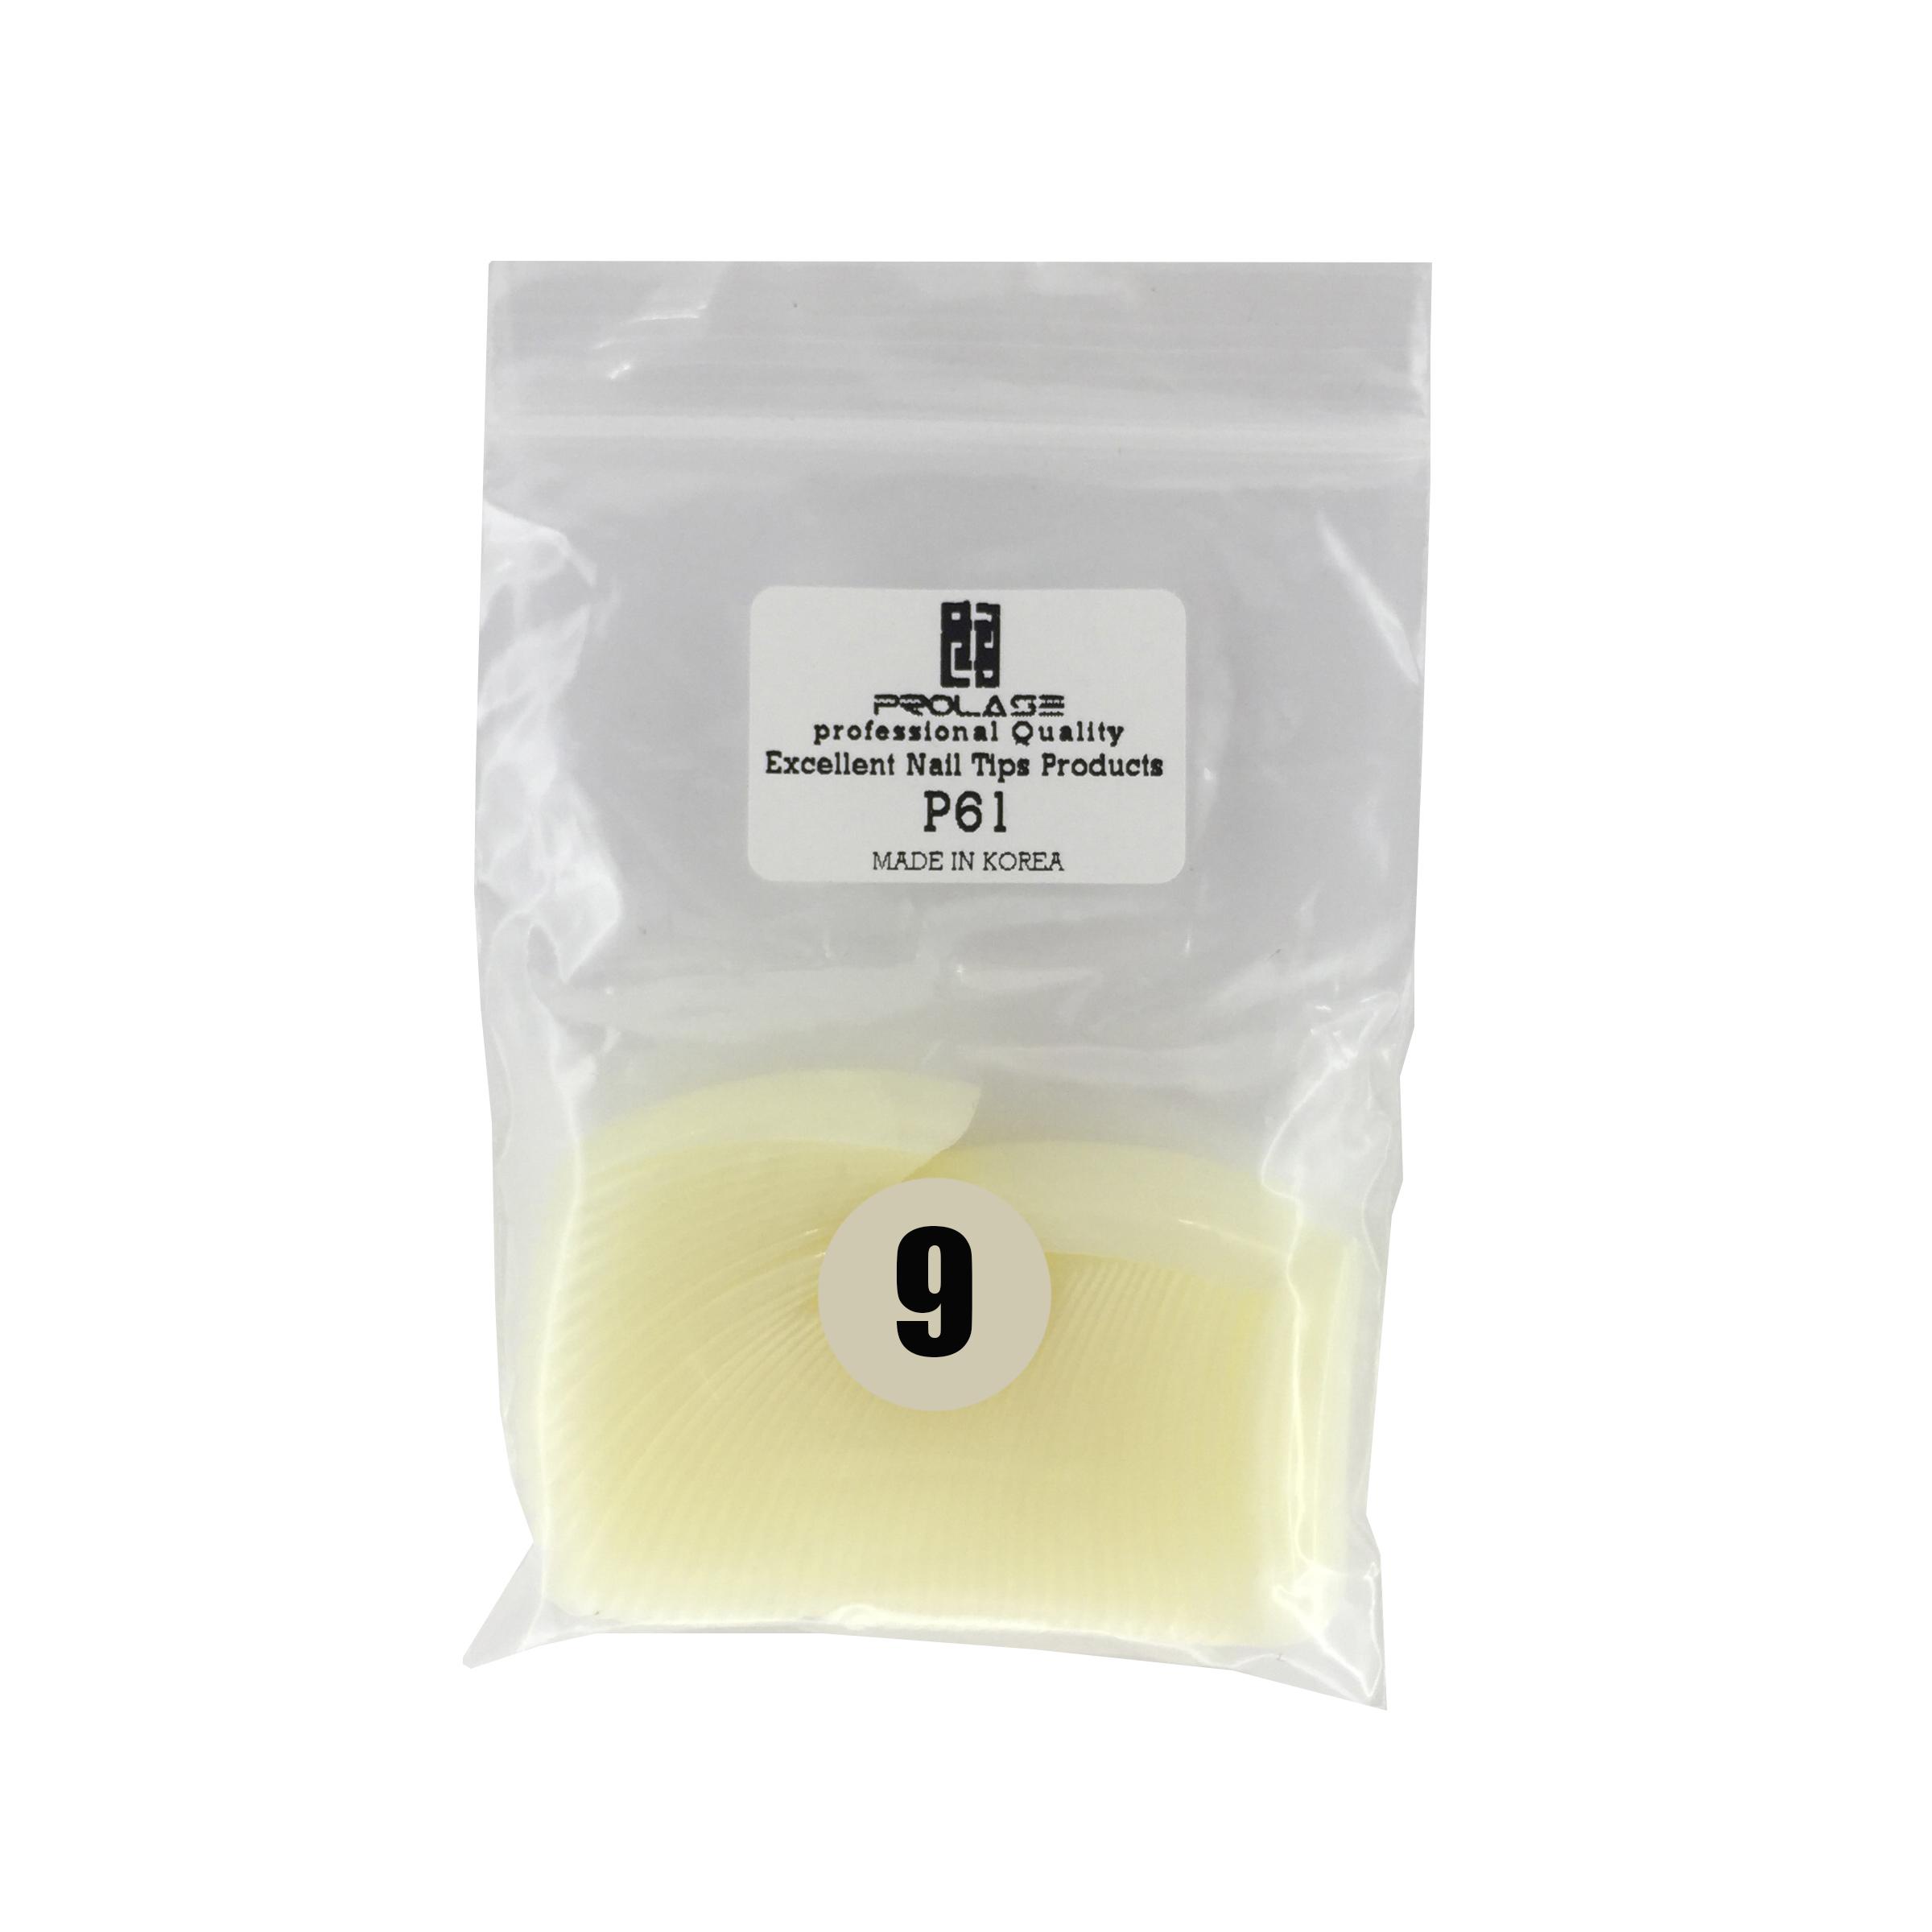 تیپ کاشت ناخنپرولایز  شماره p61 - 9 بسته 50 عددی